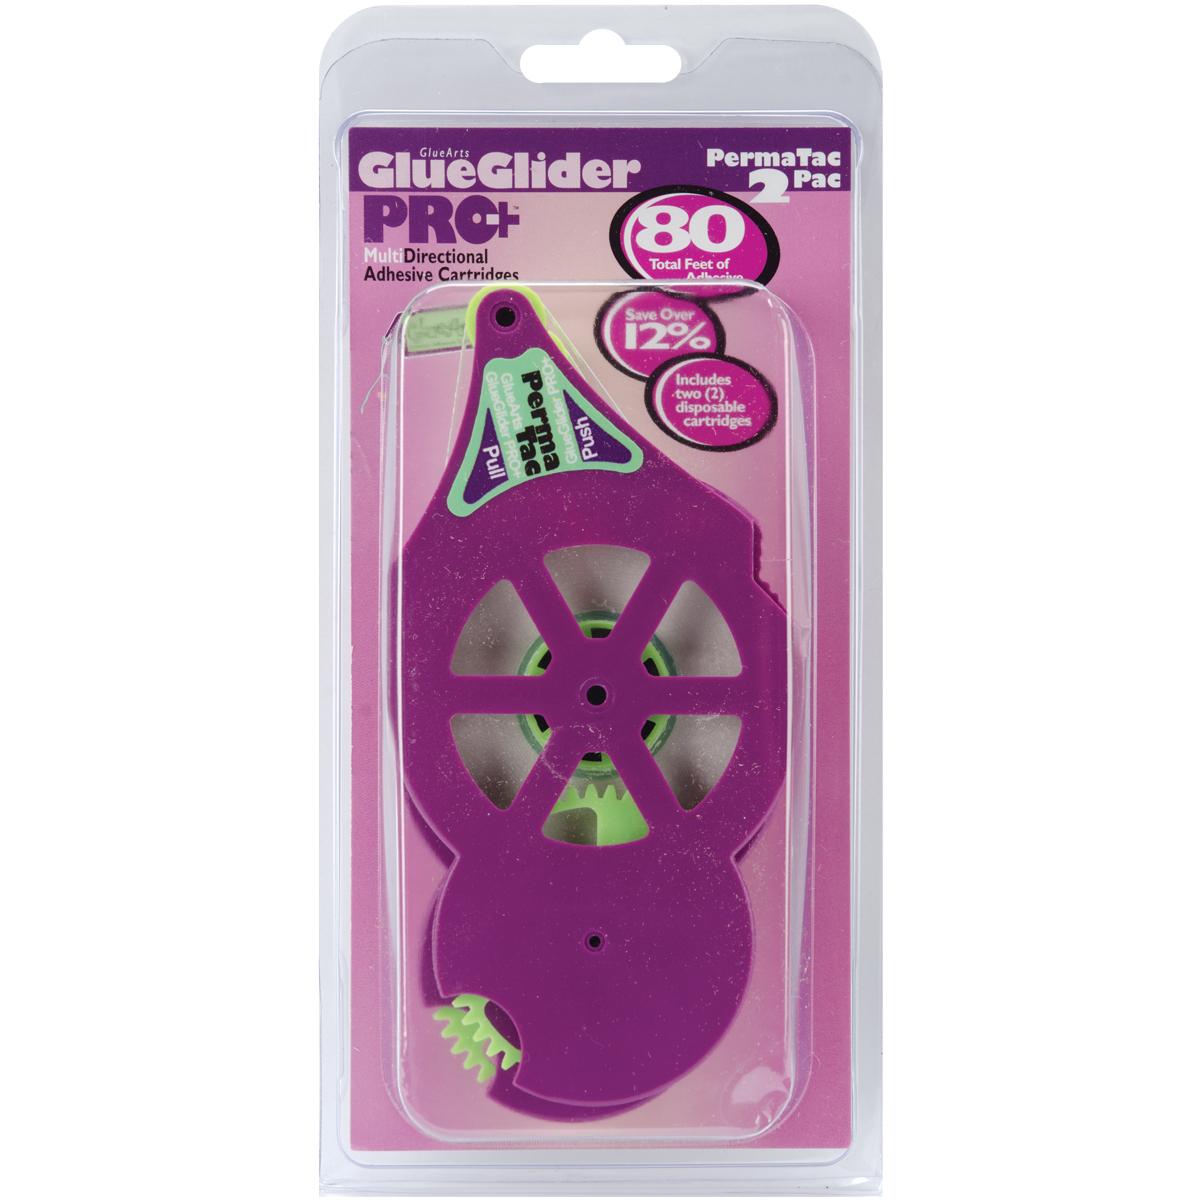 Glue Glider Pro 2Pk Refill